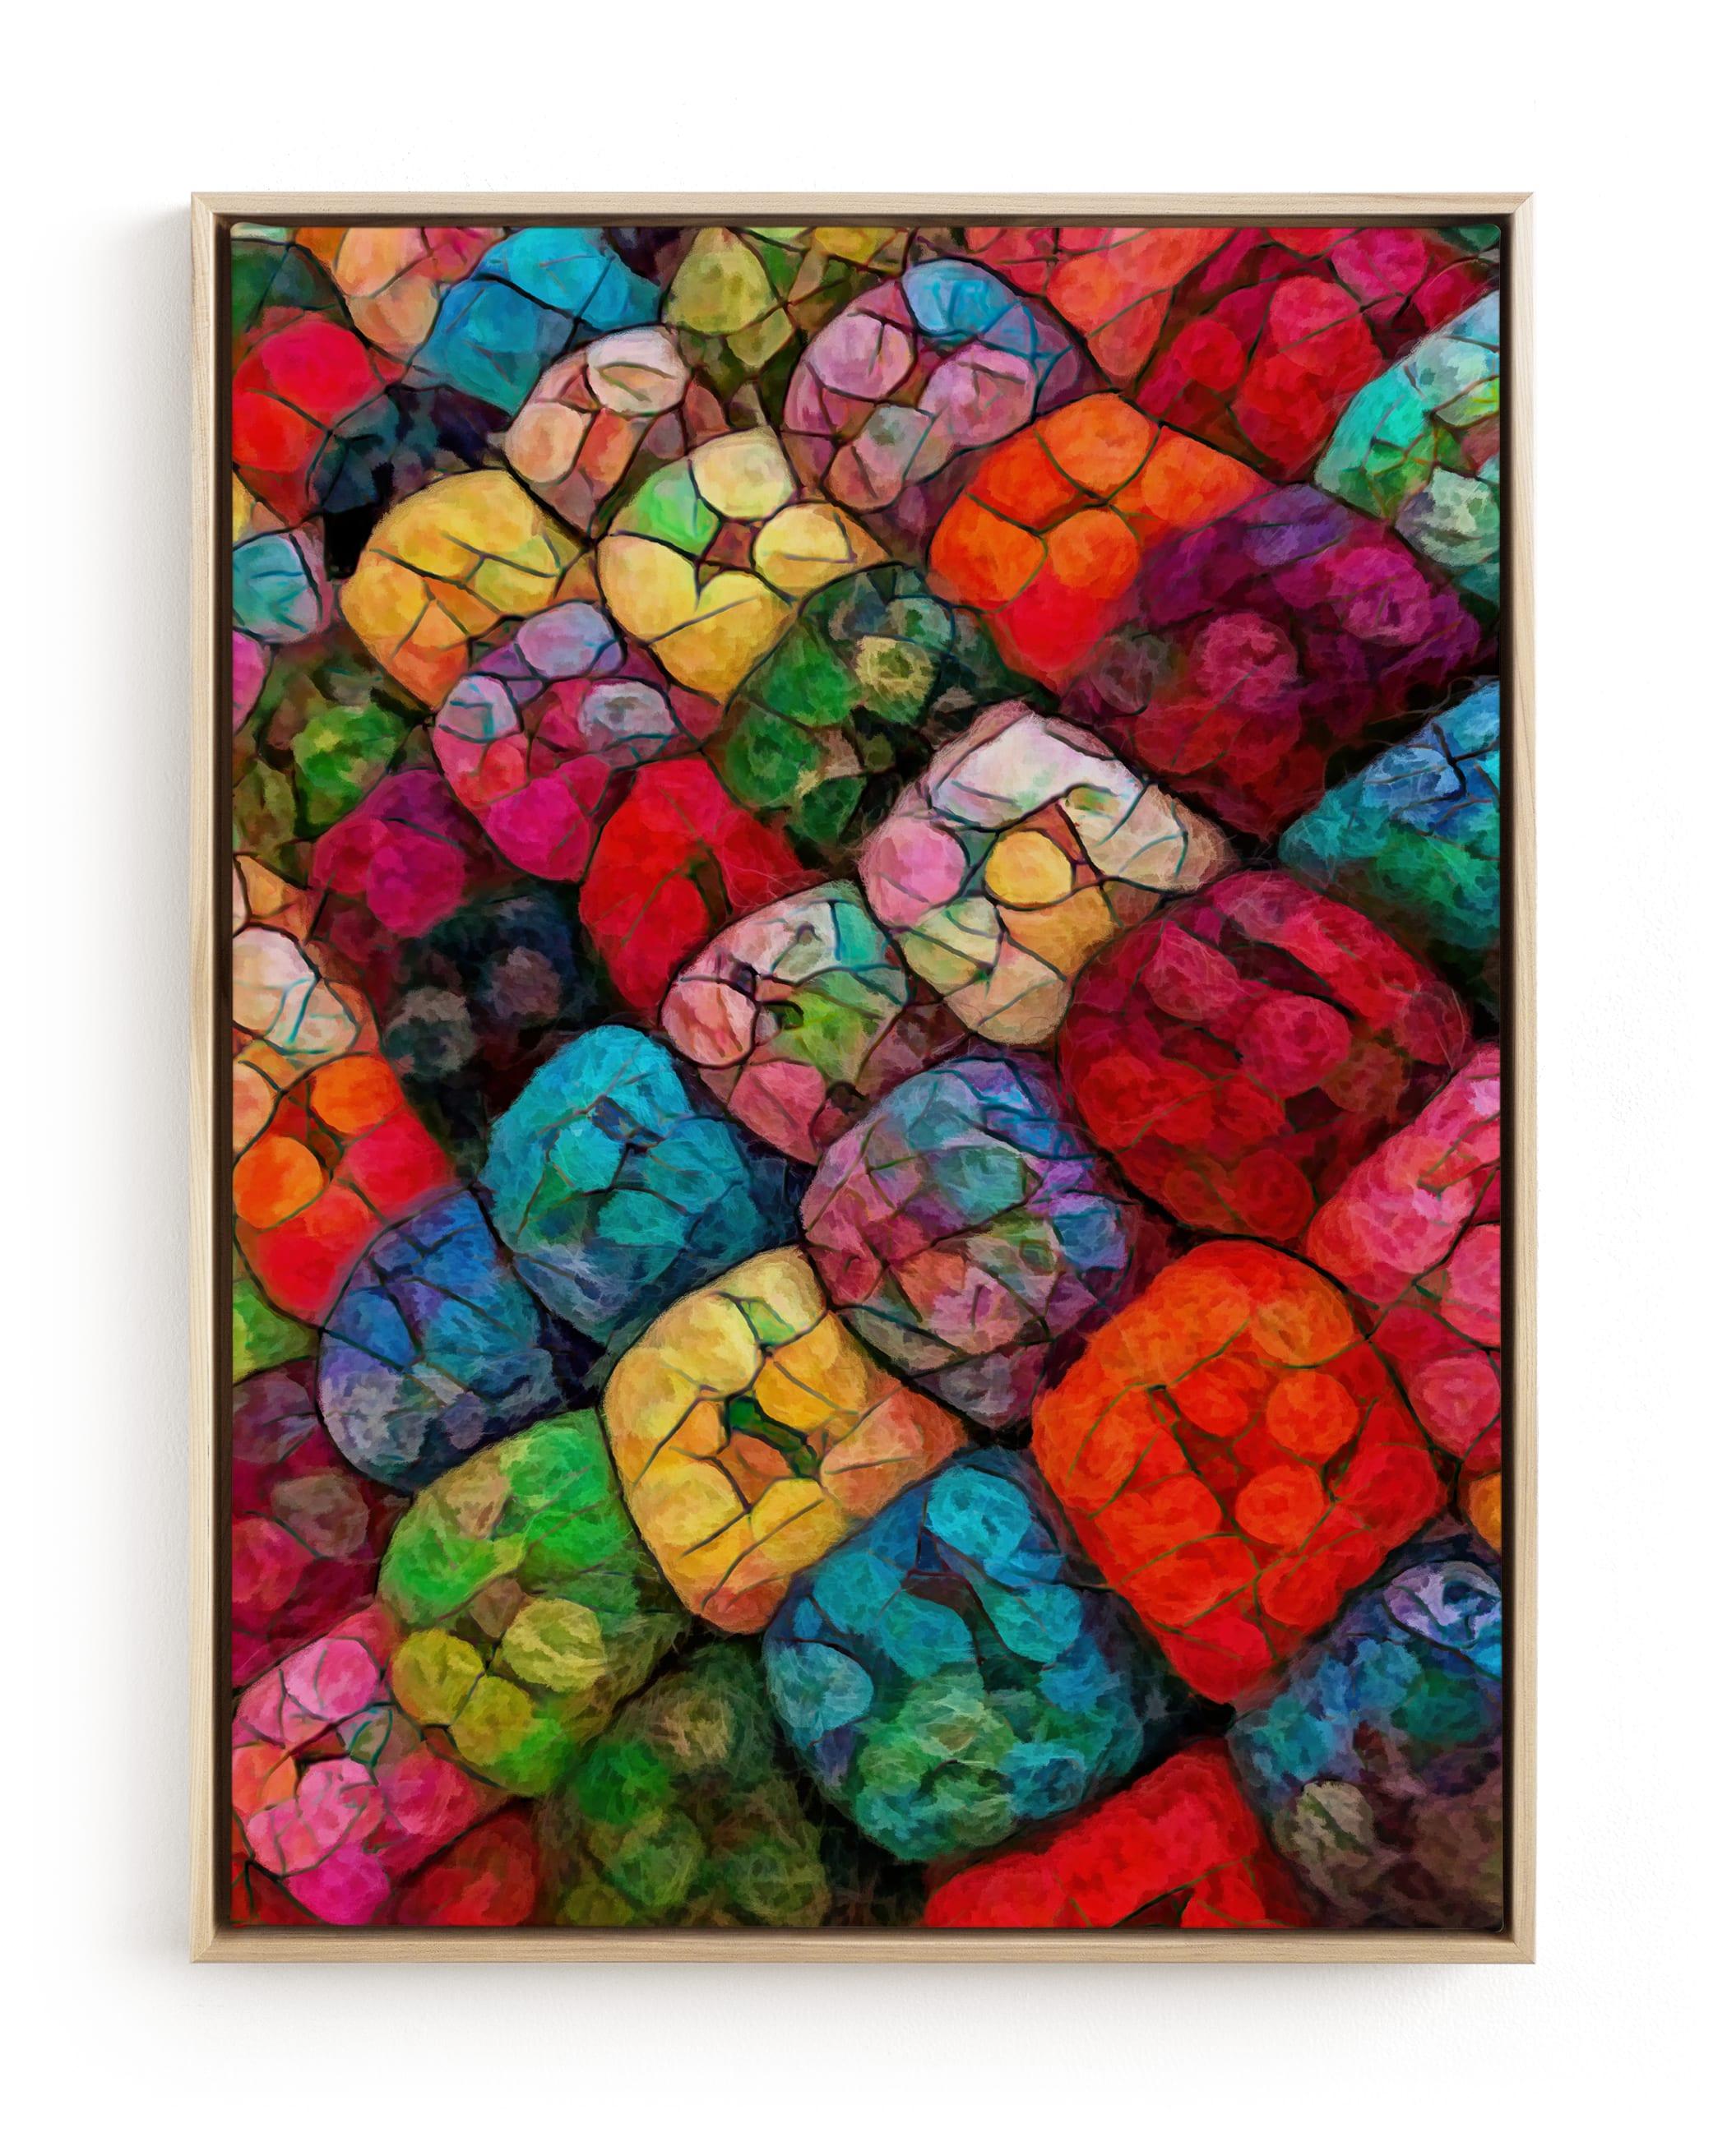 Abstract Felted Wool II Wall Art Print